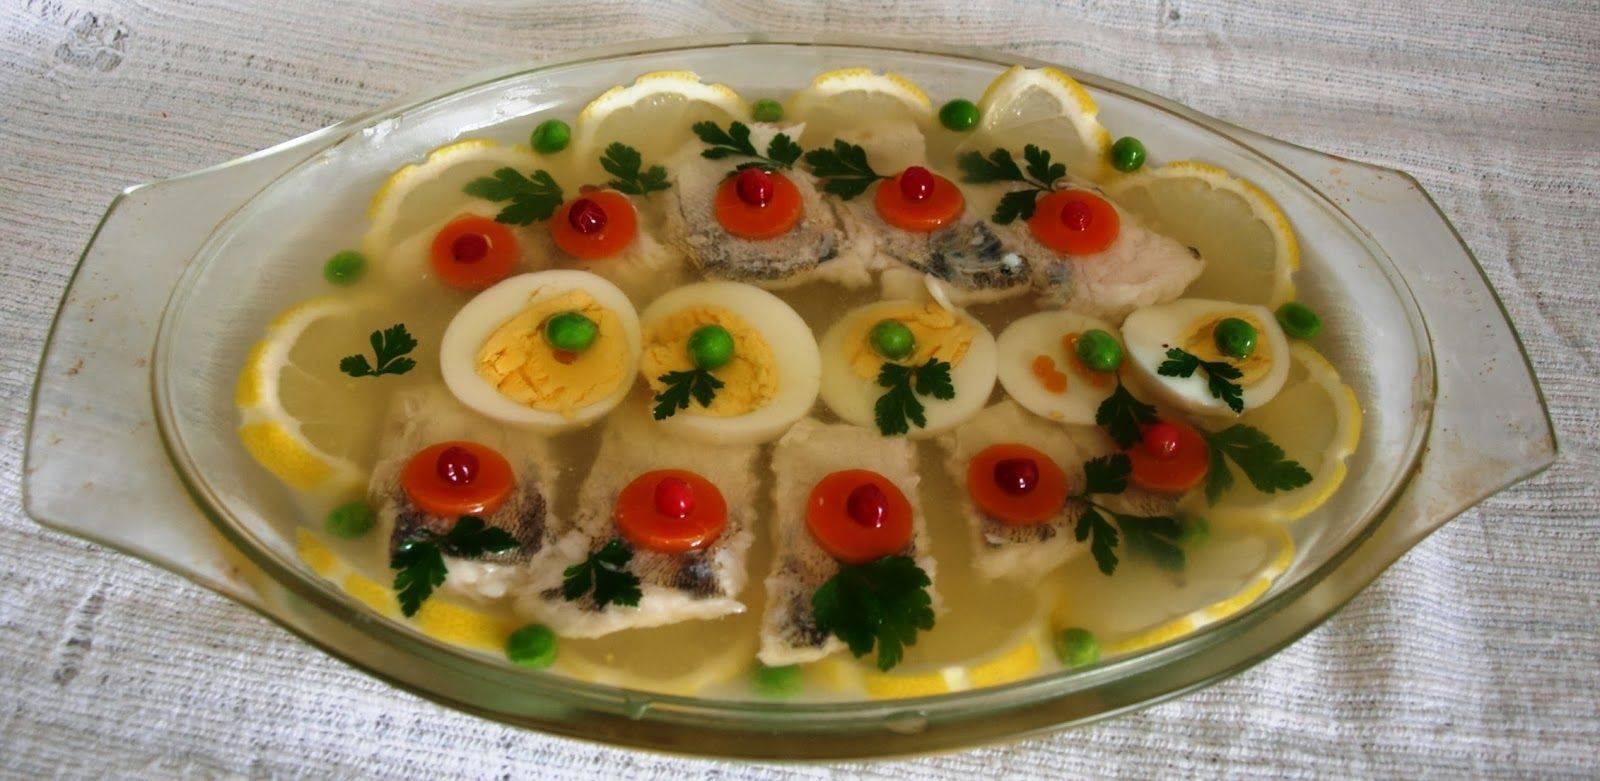 Заливная рыба - лучшие рецепты. как правильно и вкусно приготовить заливную рыбу. - автор екатерина данилова - журнал женское мнение